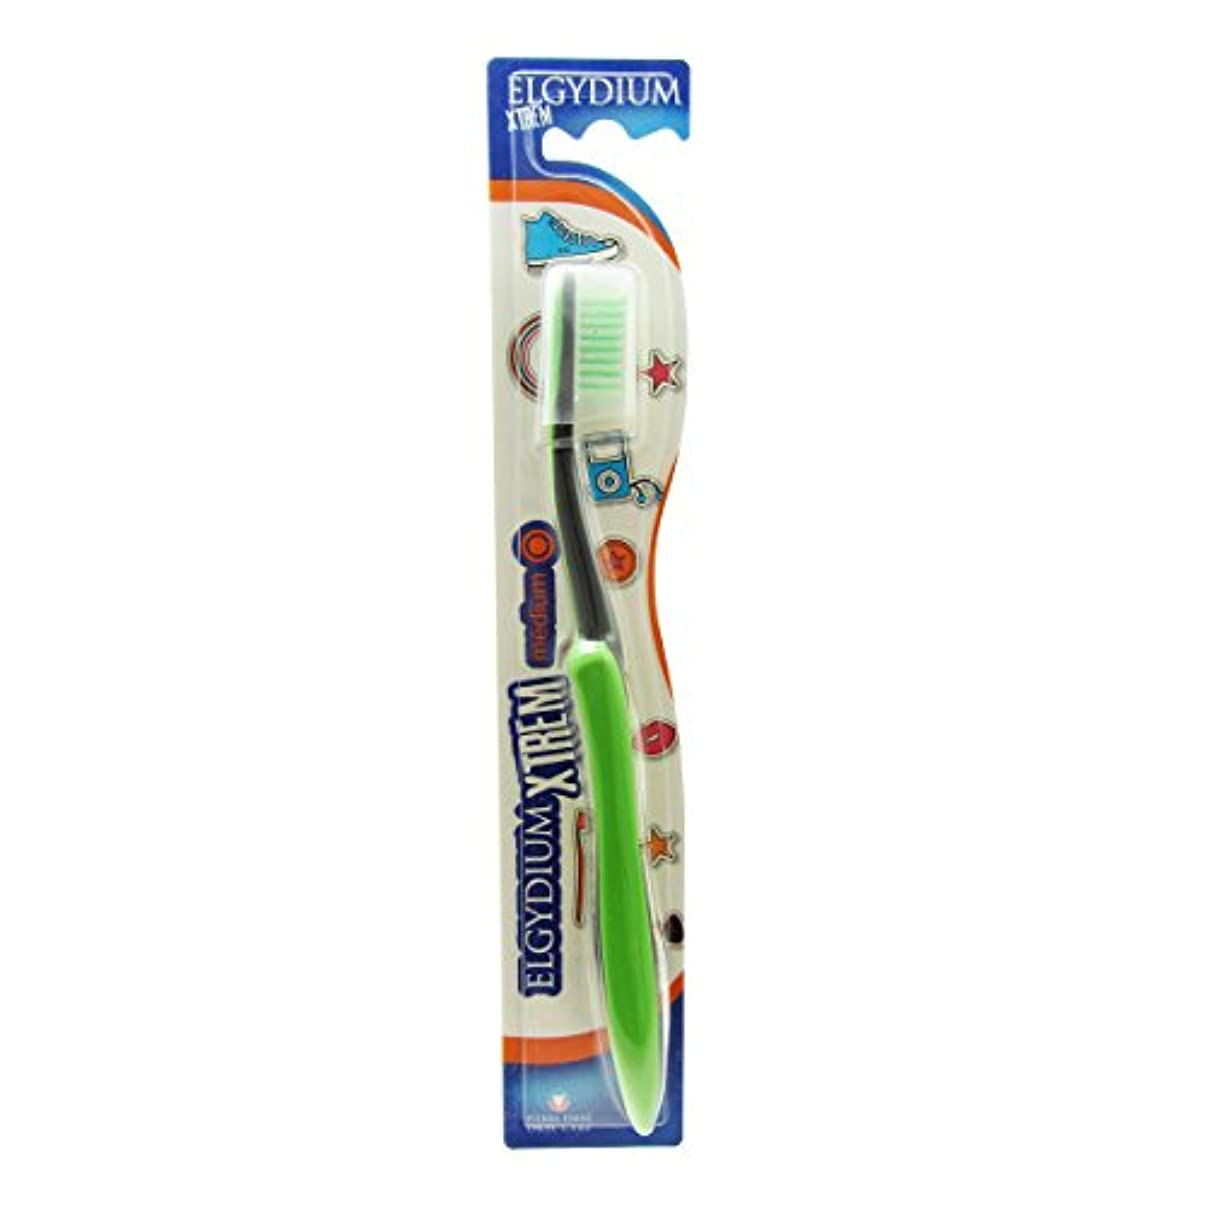 繕う骨タイピストElgydium Xtrem Toothbrush Medium Hardness [並行輸入品]